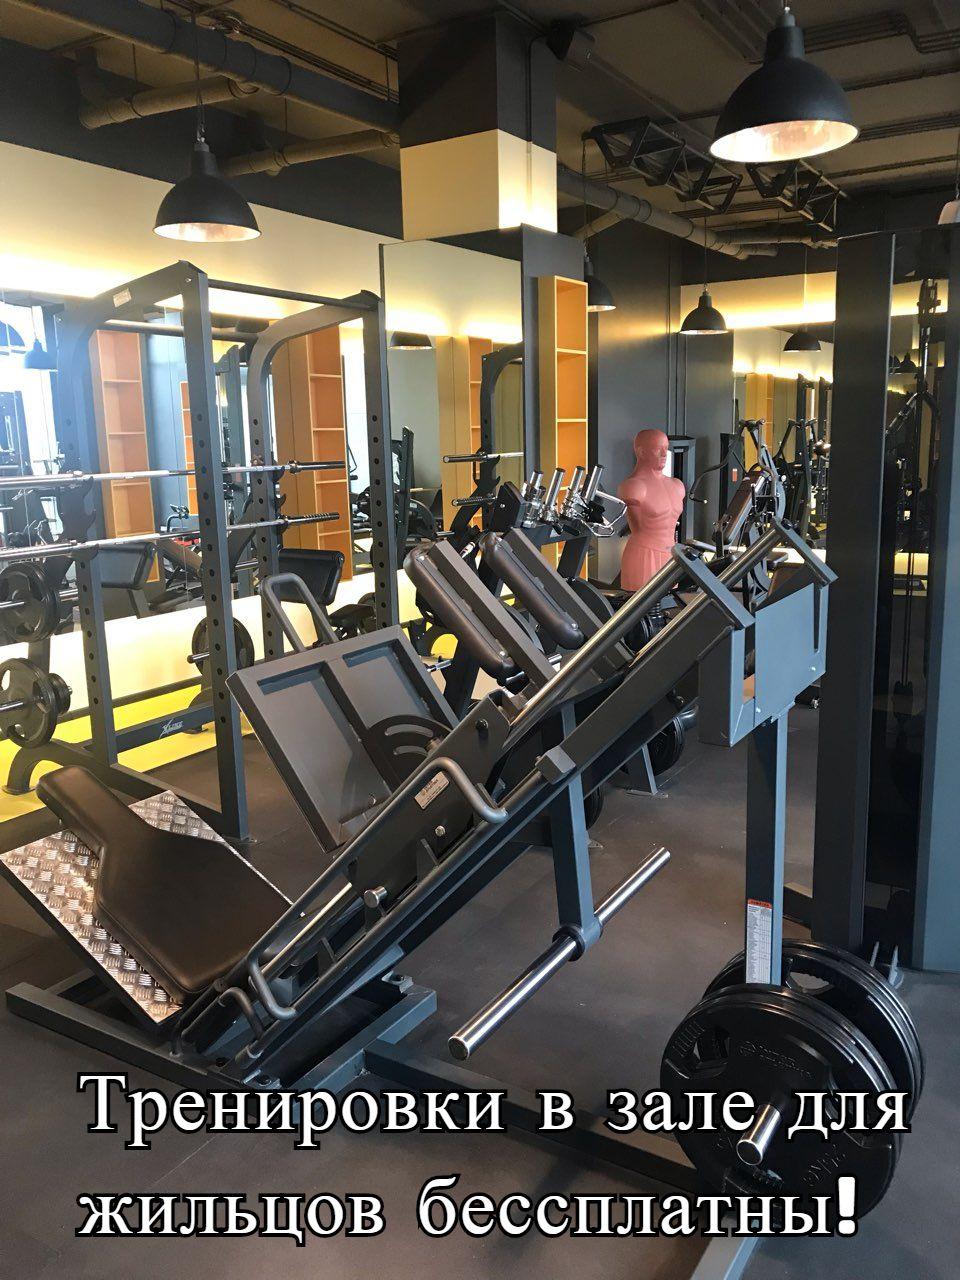 башня Чкалов 2019 спортзал